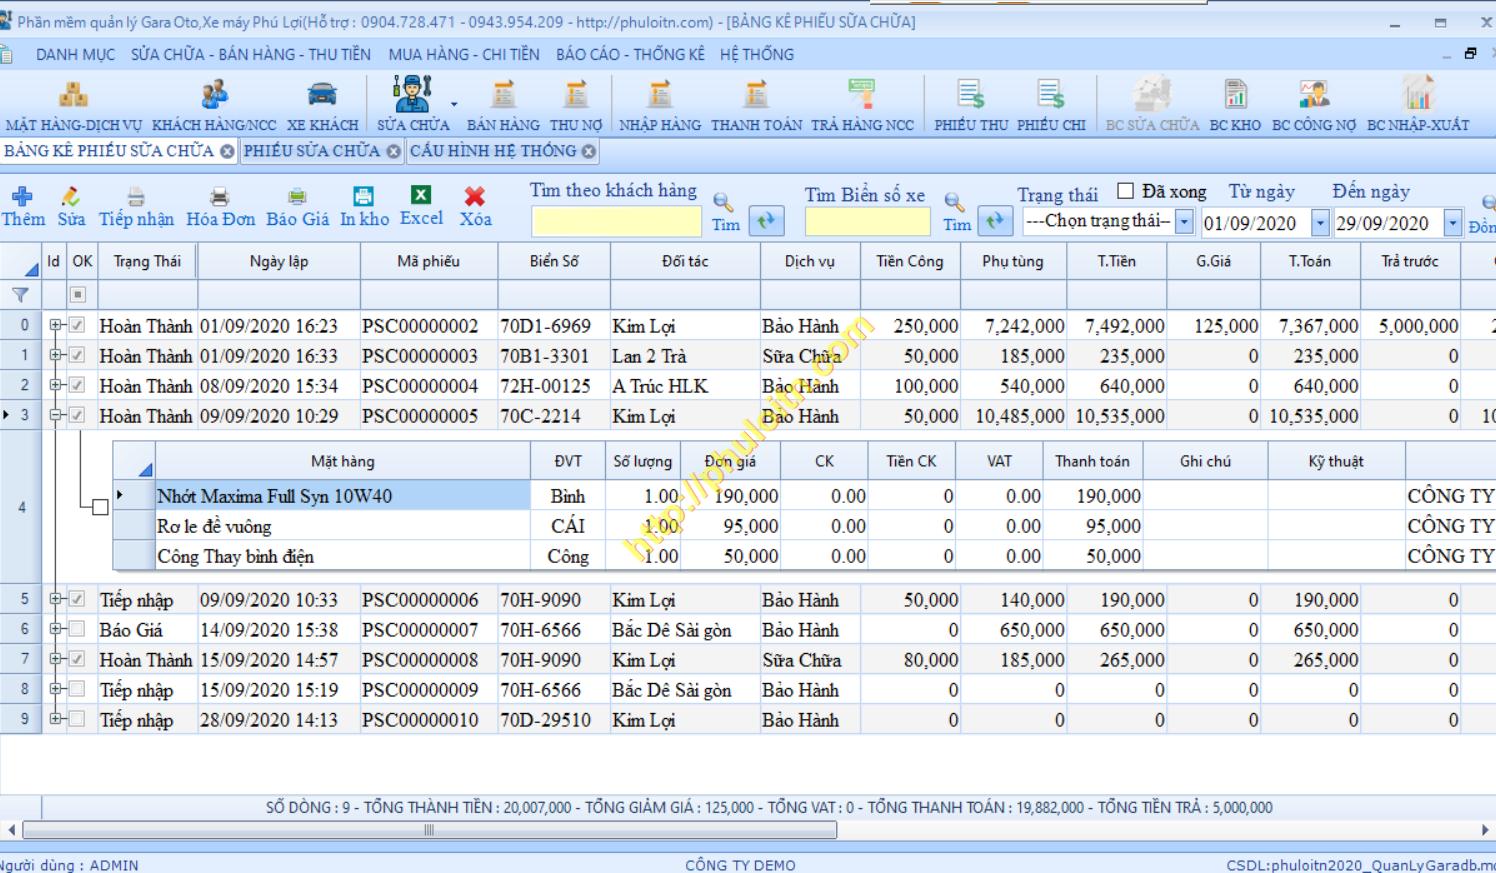 Bảng kê bảo dưỡng sửa chửa Phần mềm quản lý trung tâm sửa chữa bảo dưỡng gara xe